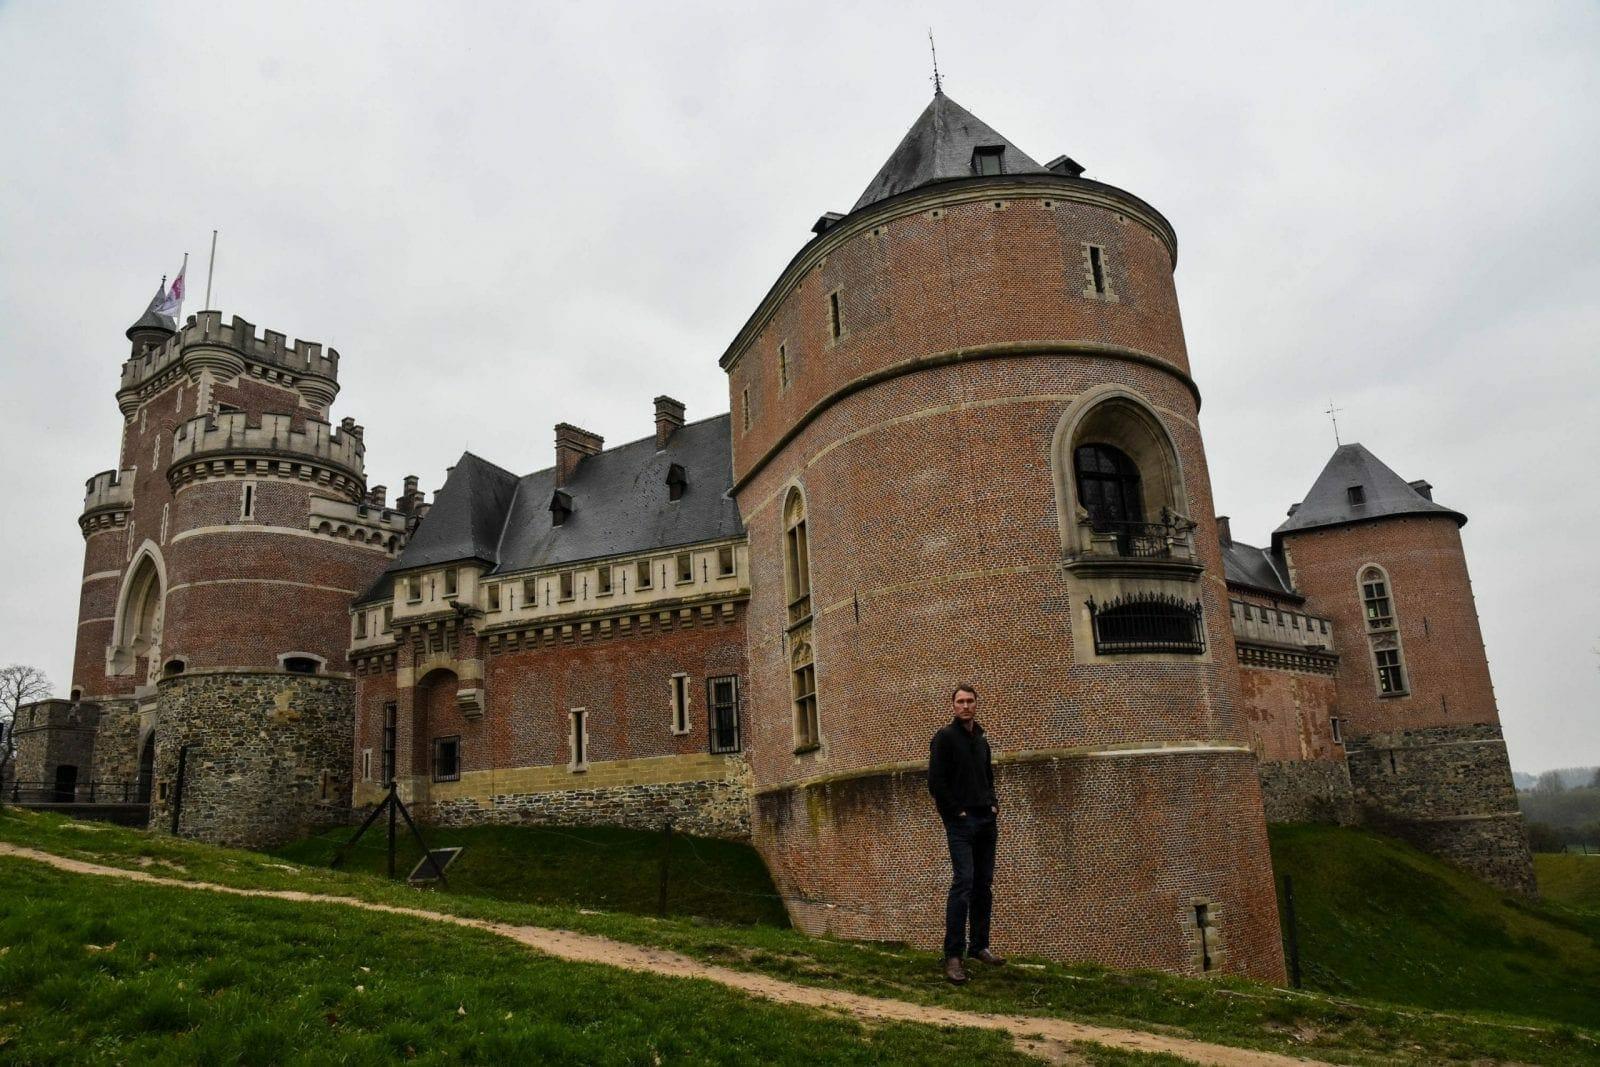 Castle van Gaasbeek, Belgium